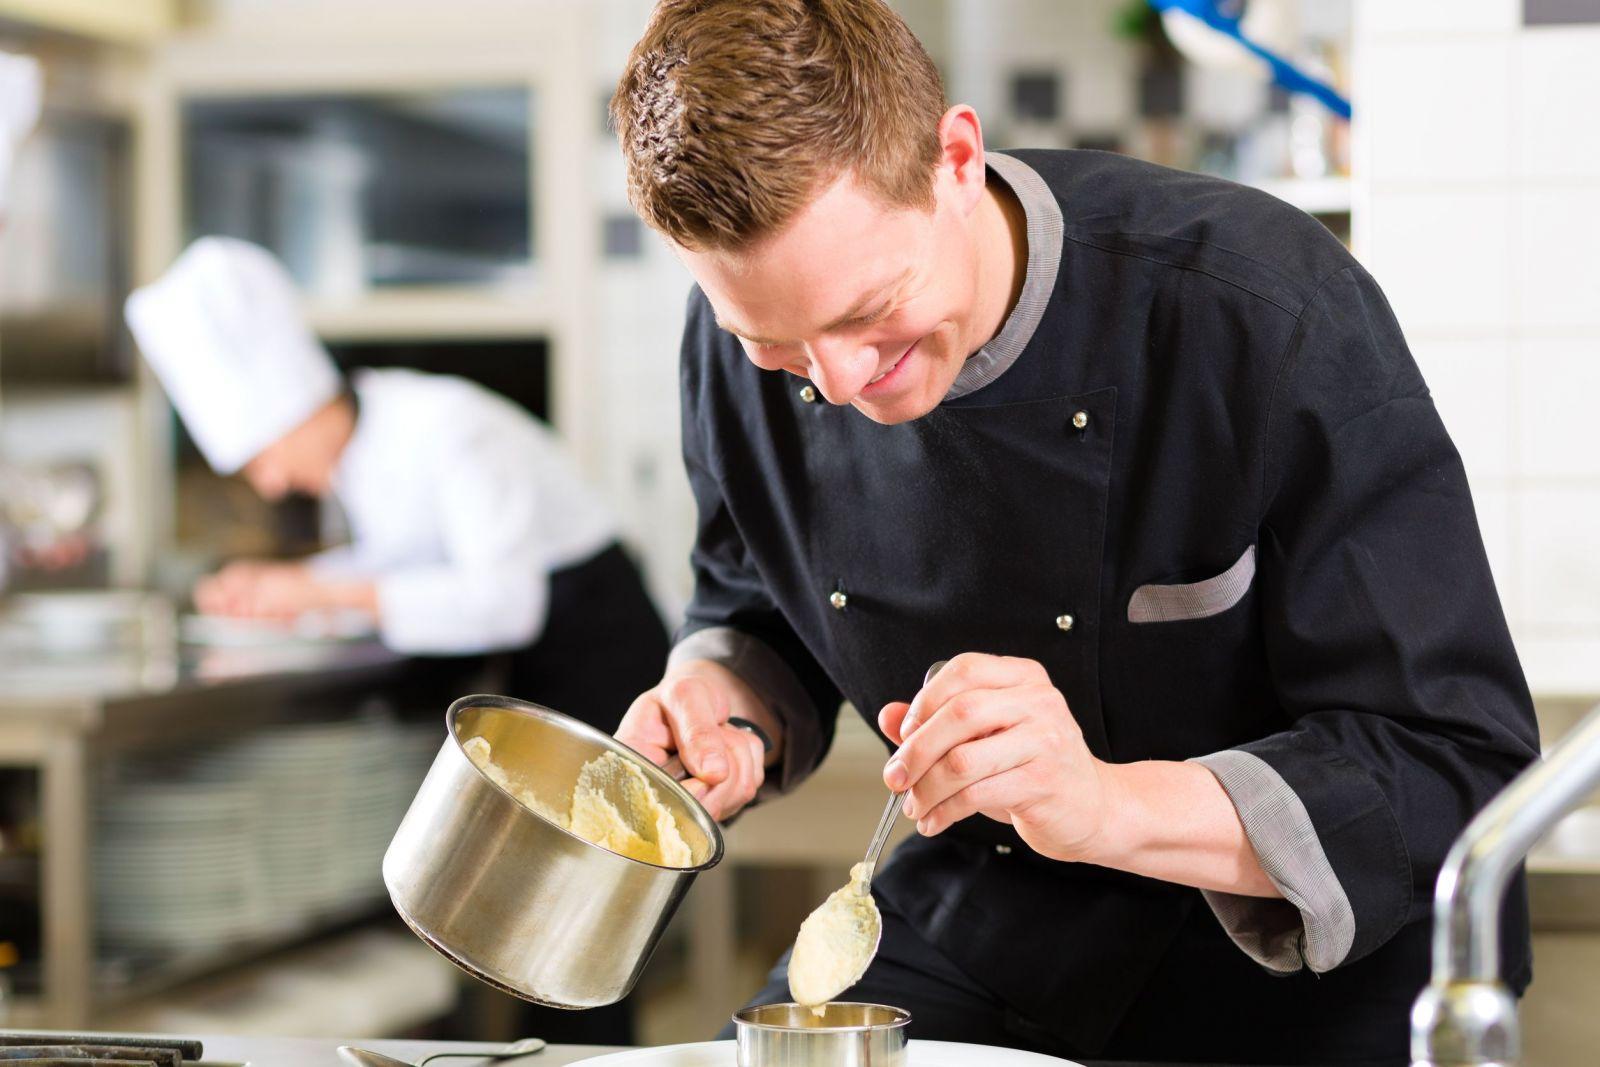 L'hygiène du personnel en restauration commerciale , un sujet délicat et sensible pour la clientèle